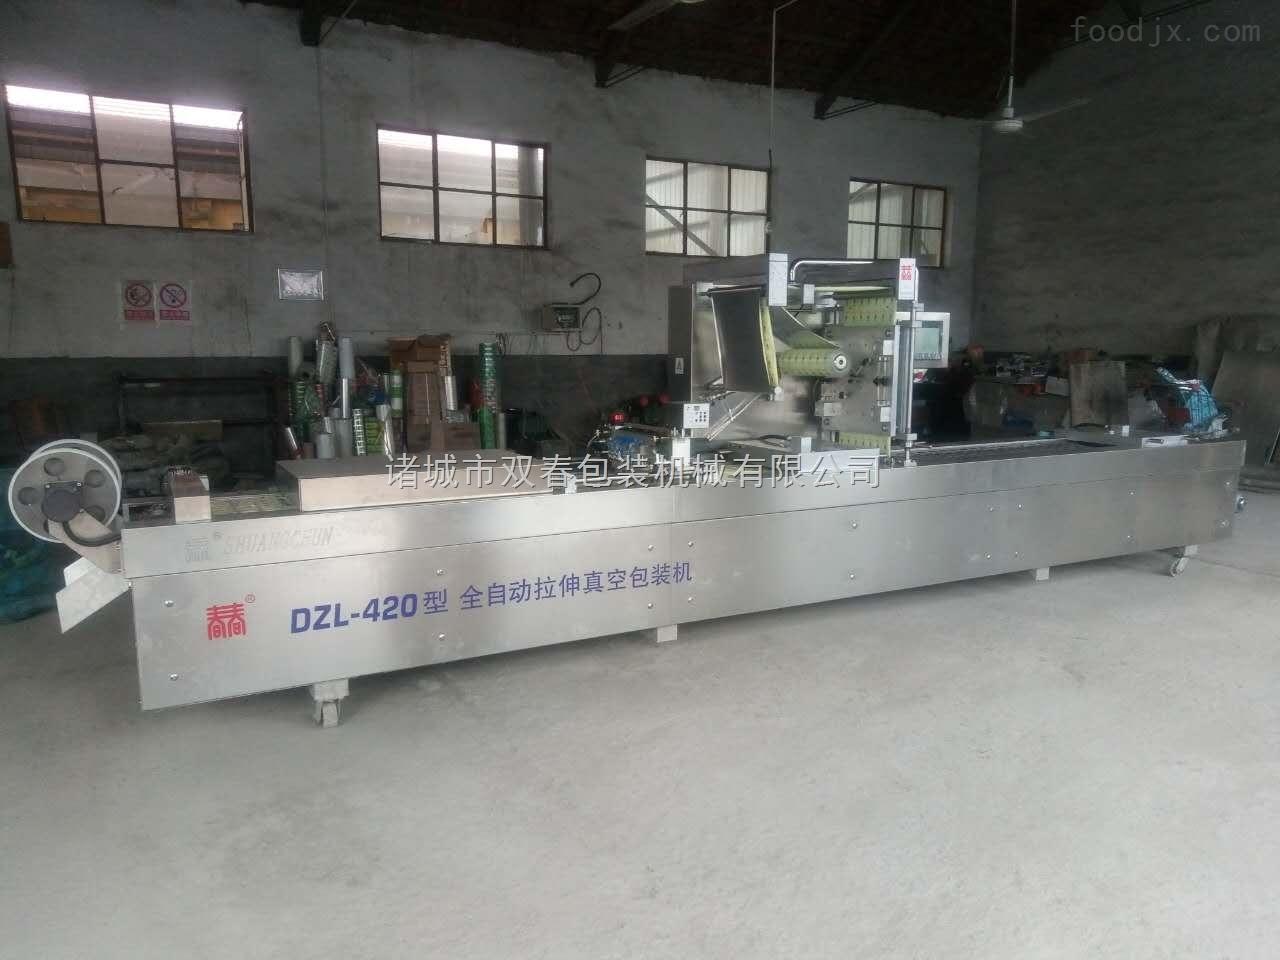 DZL-420内蒙古牛排拉伸膜真空包装机设备